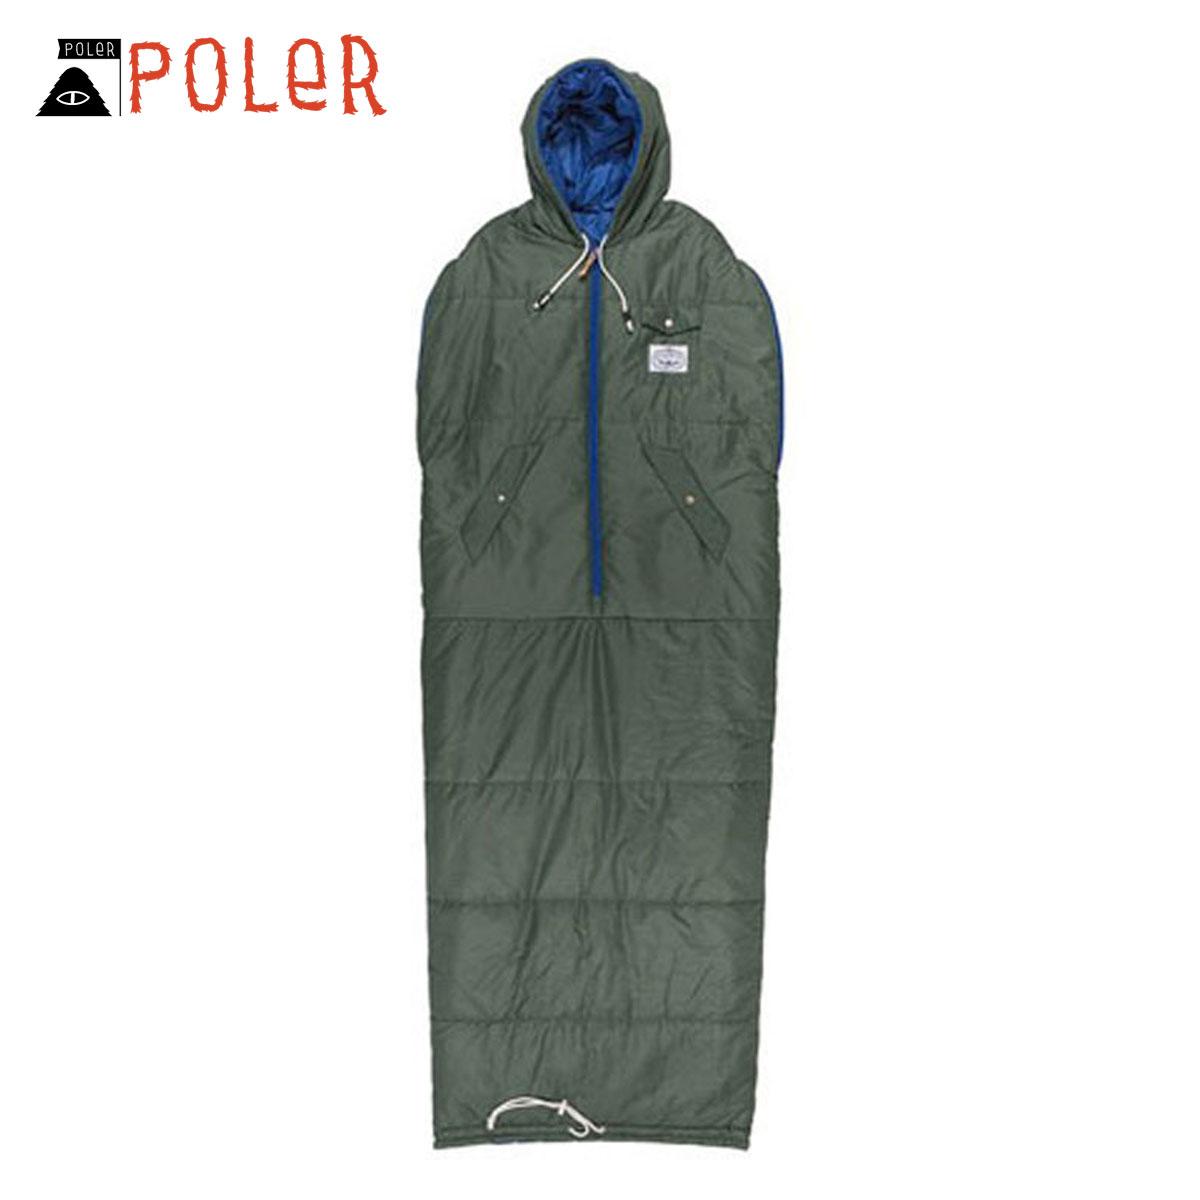 画像2: おすすめ充電式カイロや寝袋などのグッズを紹介! 冬のキャンプは防寒対策を万全に!